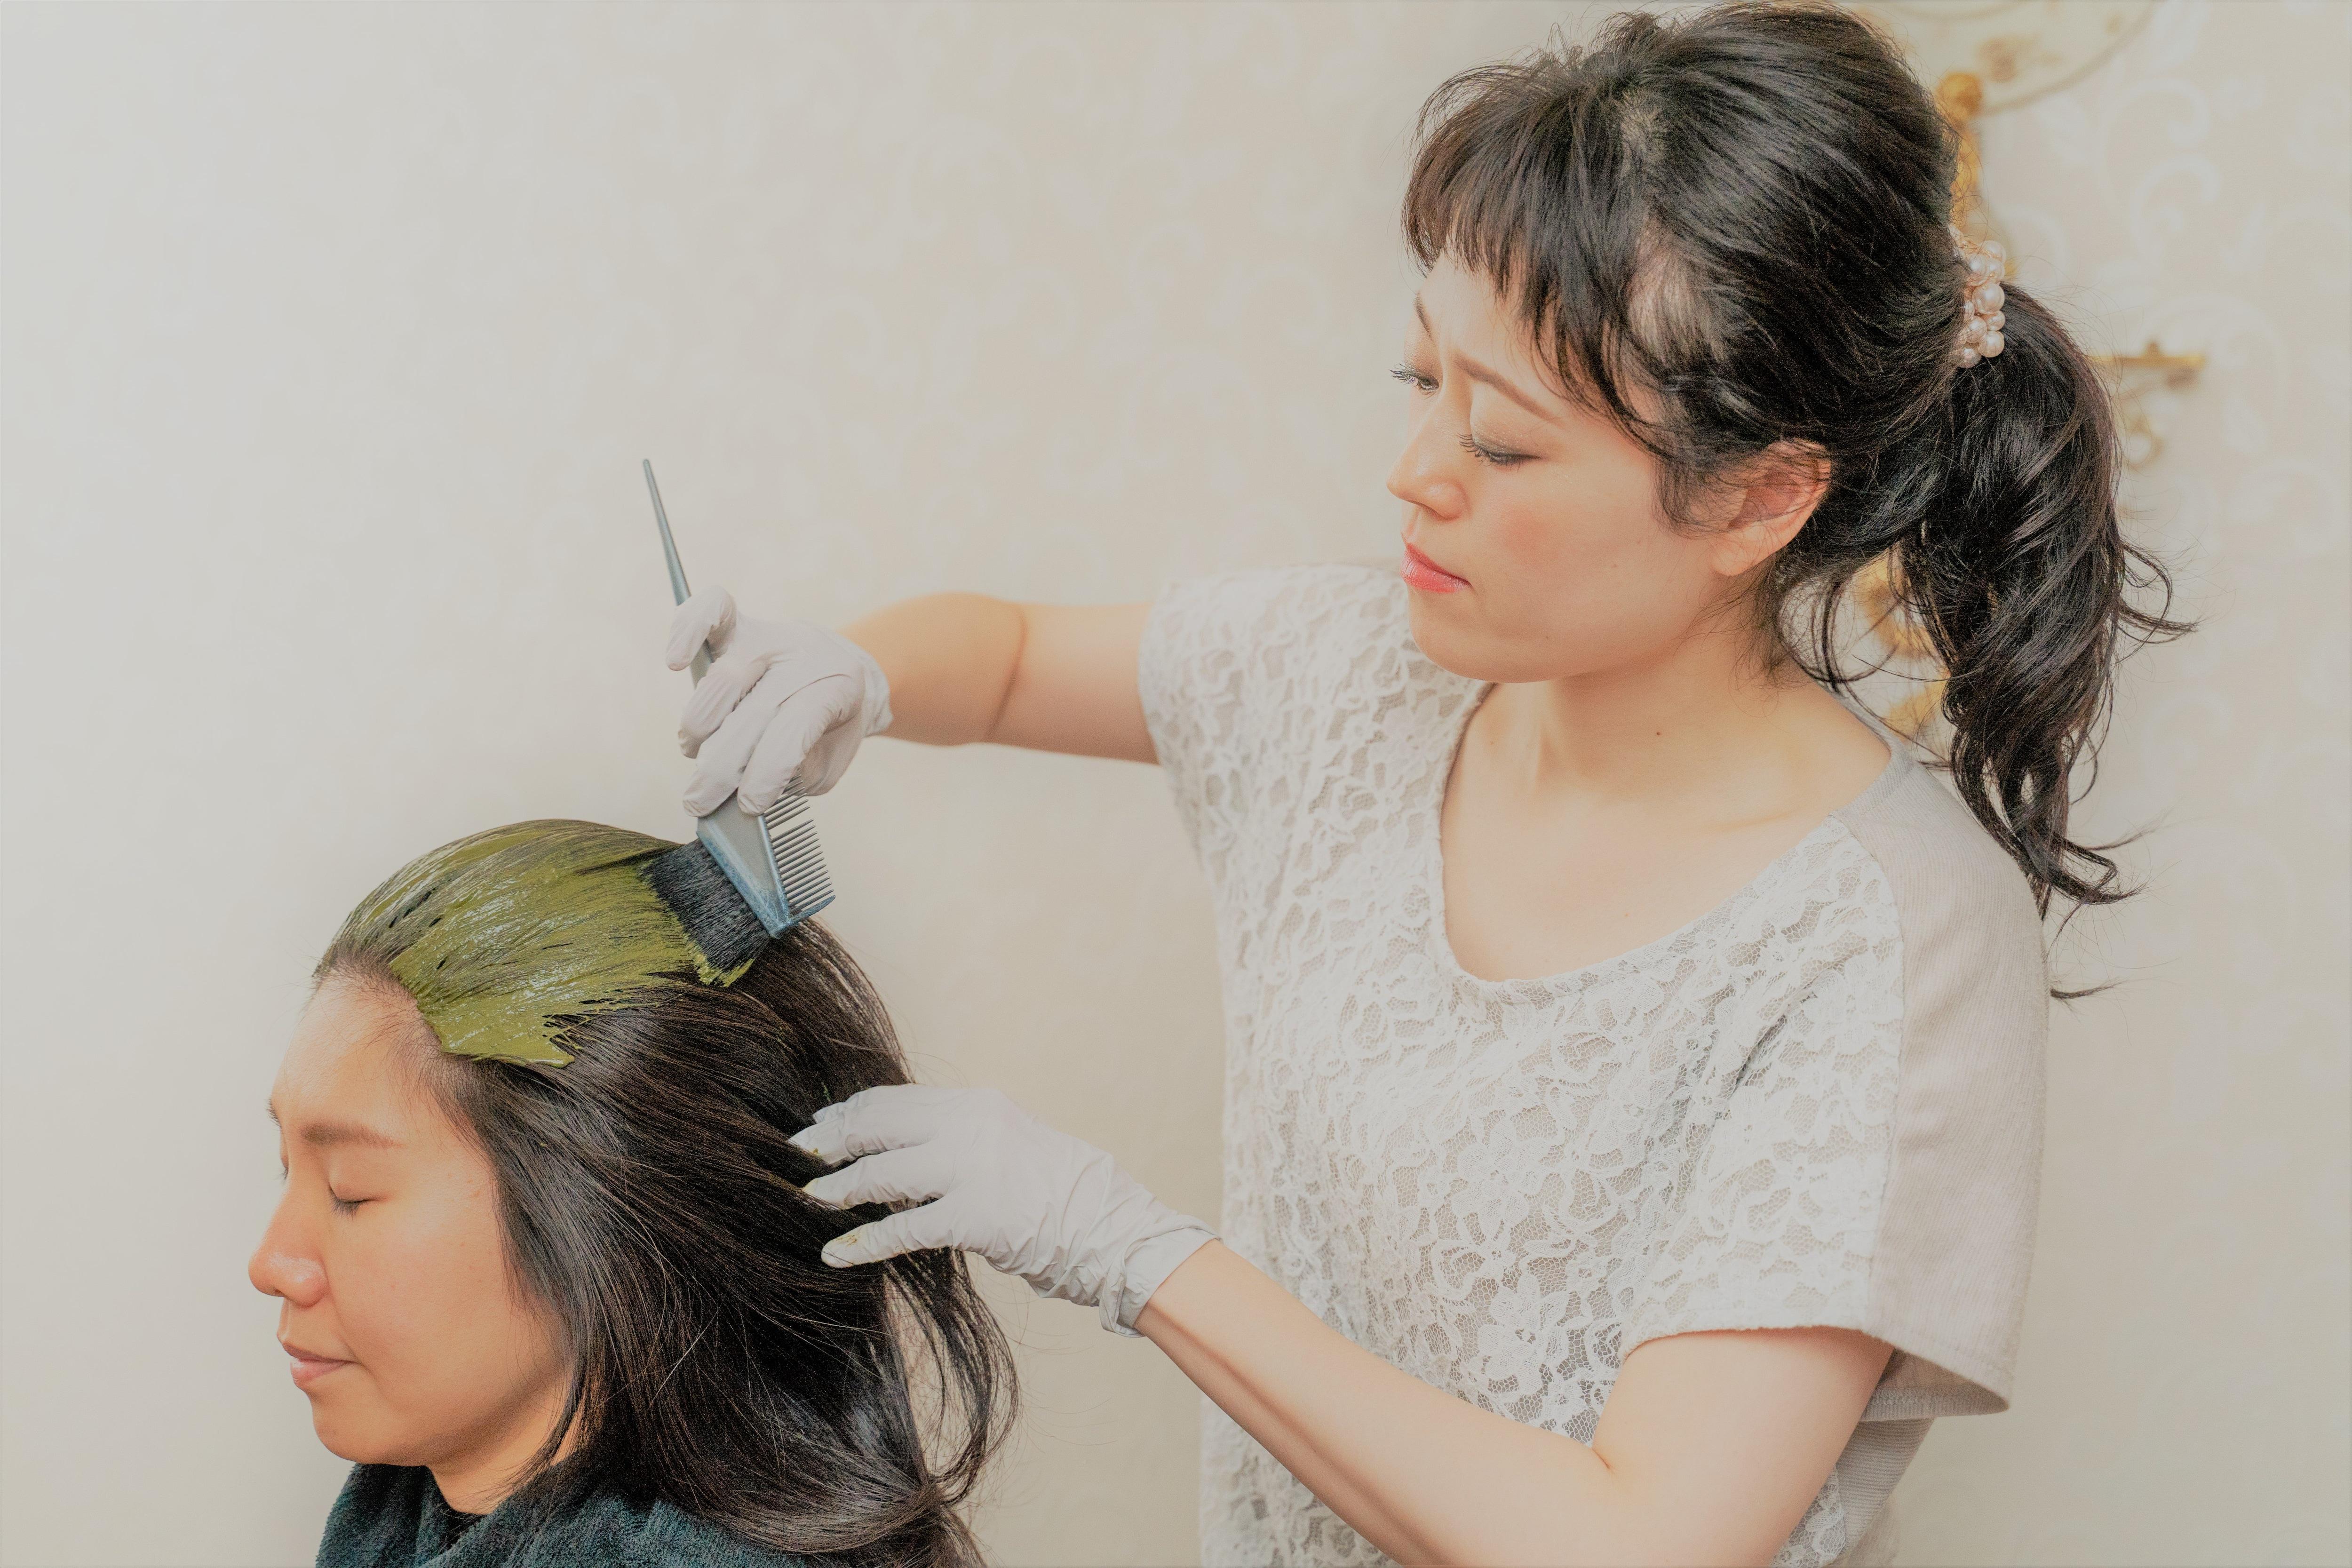 髪質改善&デトックス【ヘナトリートメント】〜セミロング(Ⅱ)〜のイメージその1